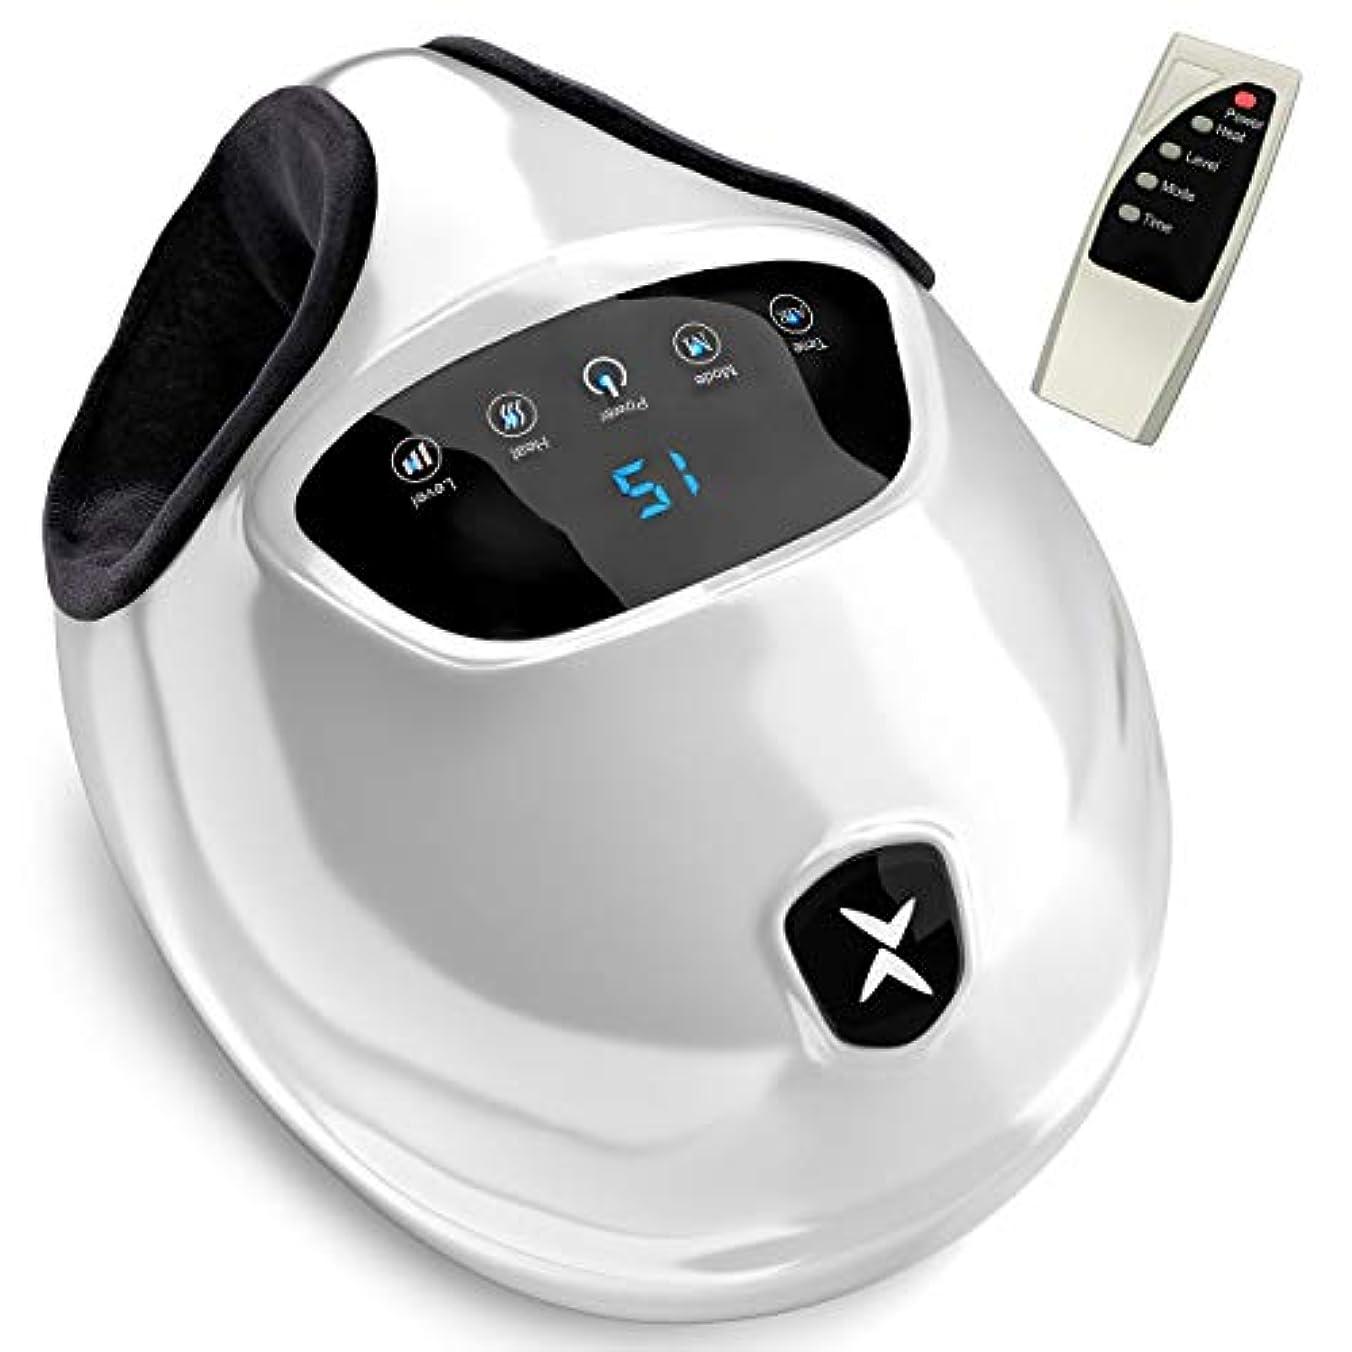 ビスケット略す第[Realax ][Realax Shiatsu Foot Massager with Heat - Electric Feet Massager Machine with Deep Kneading Massage and...